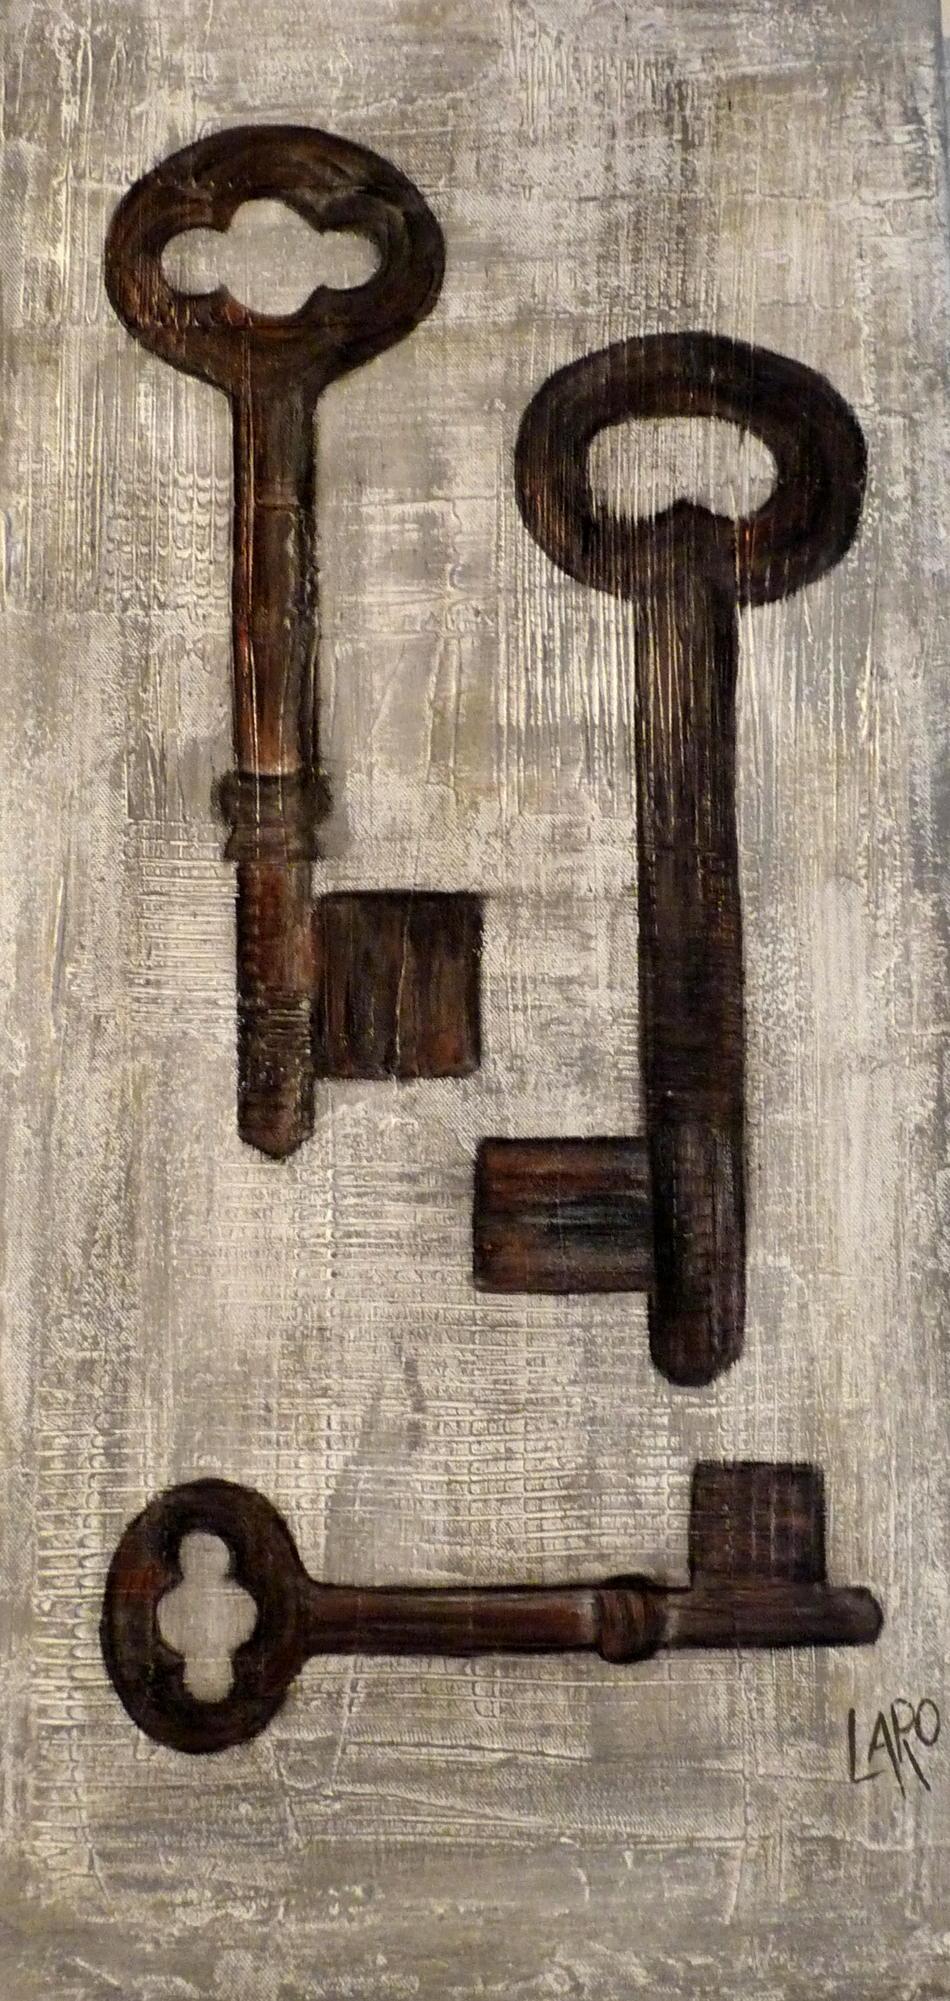 LaRo - Old Key